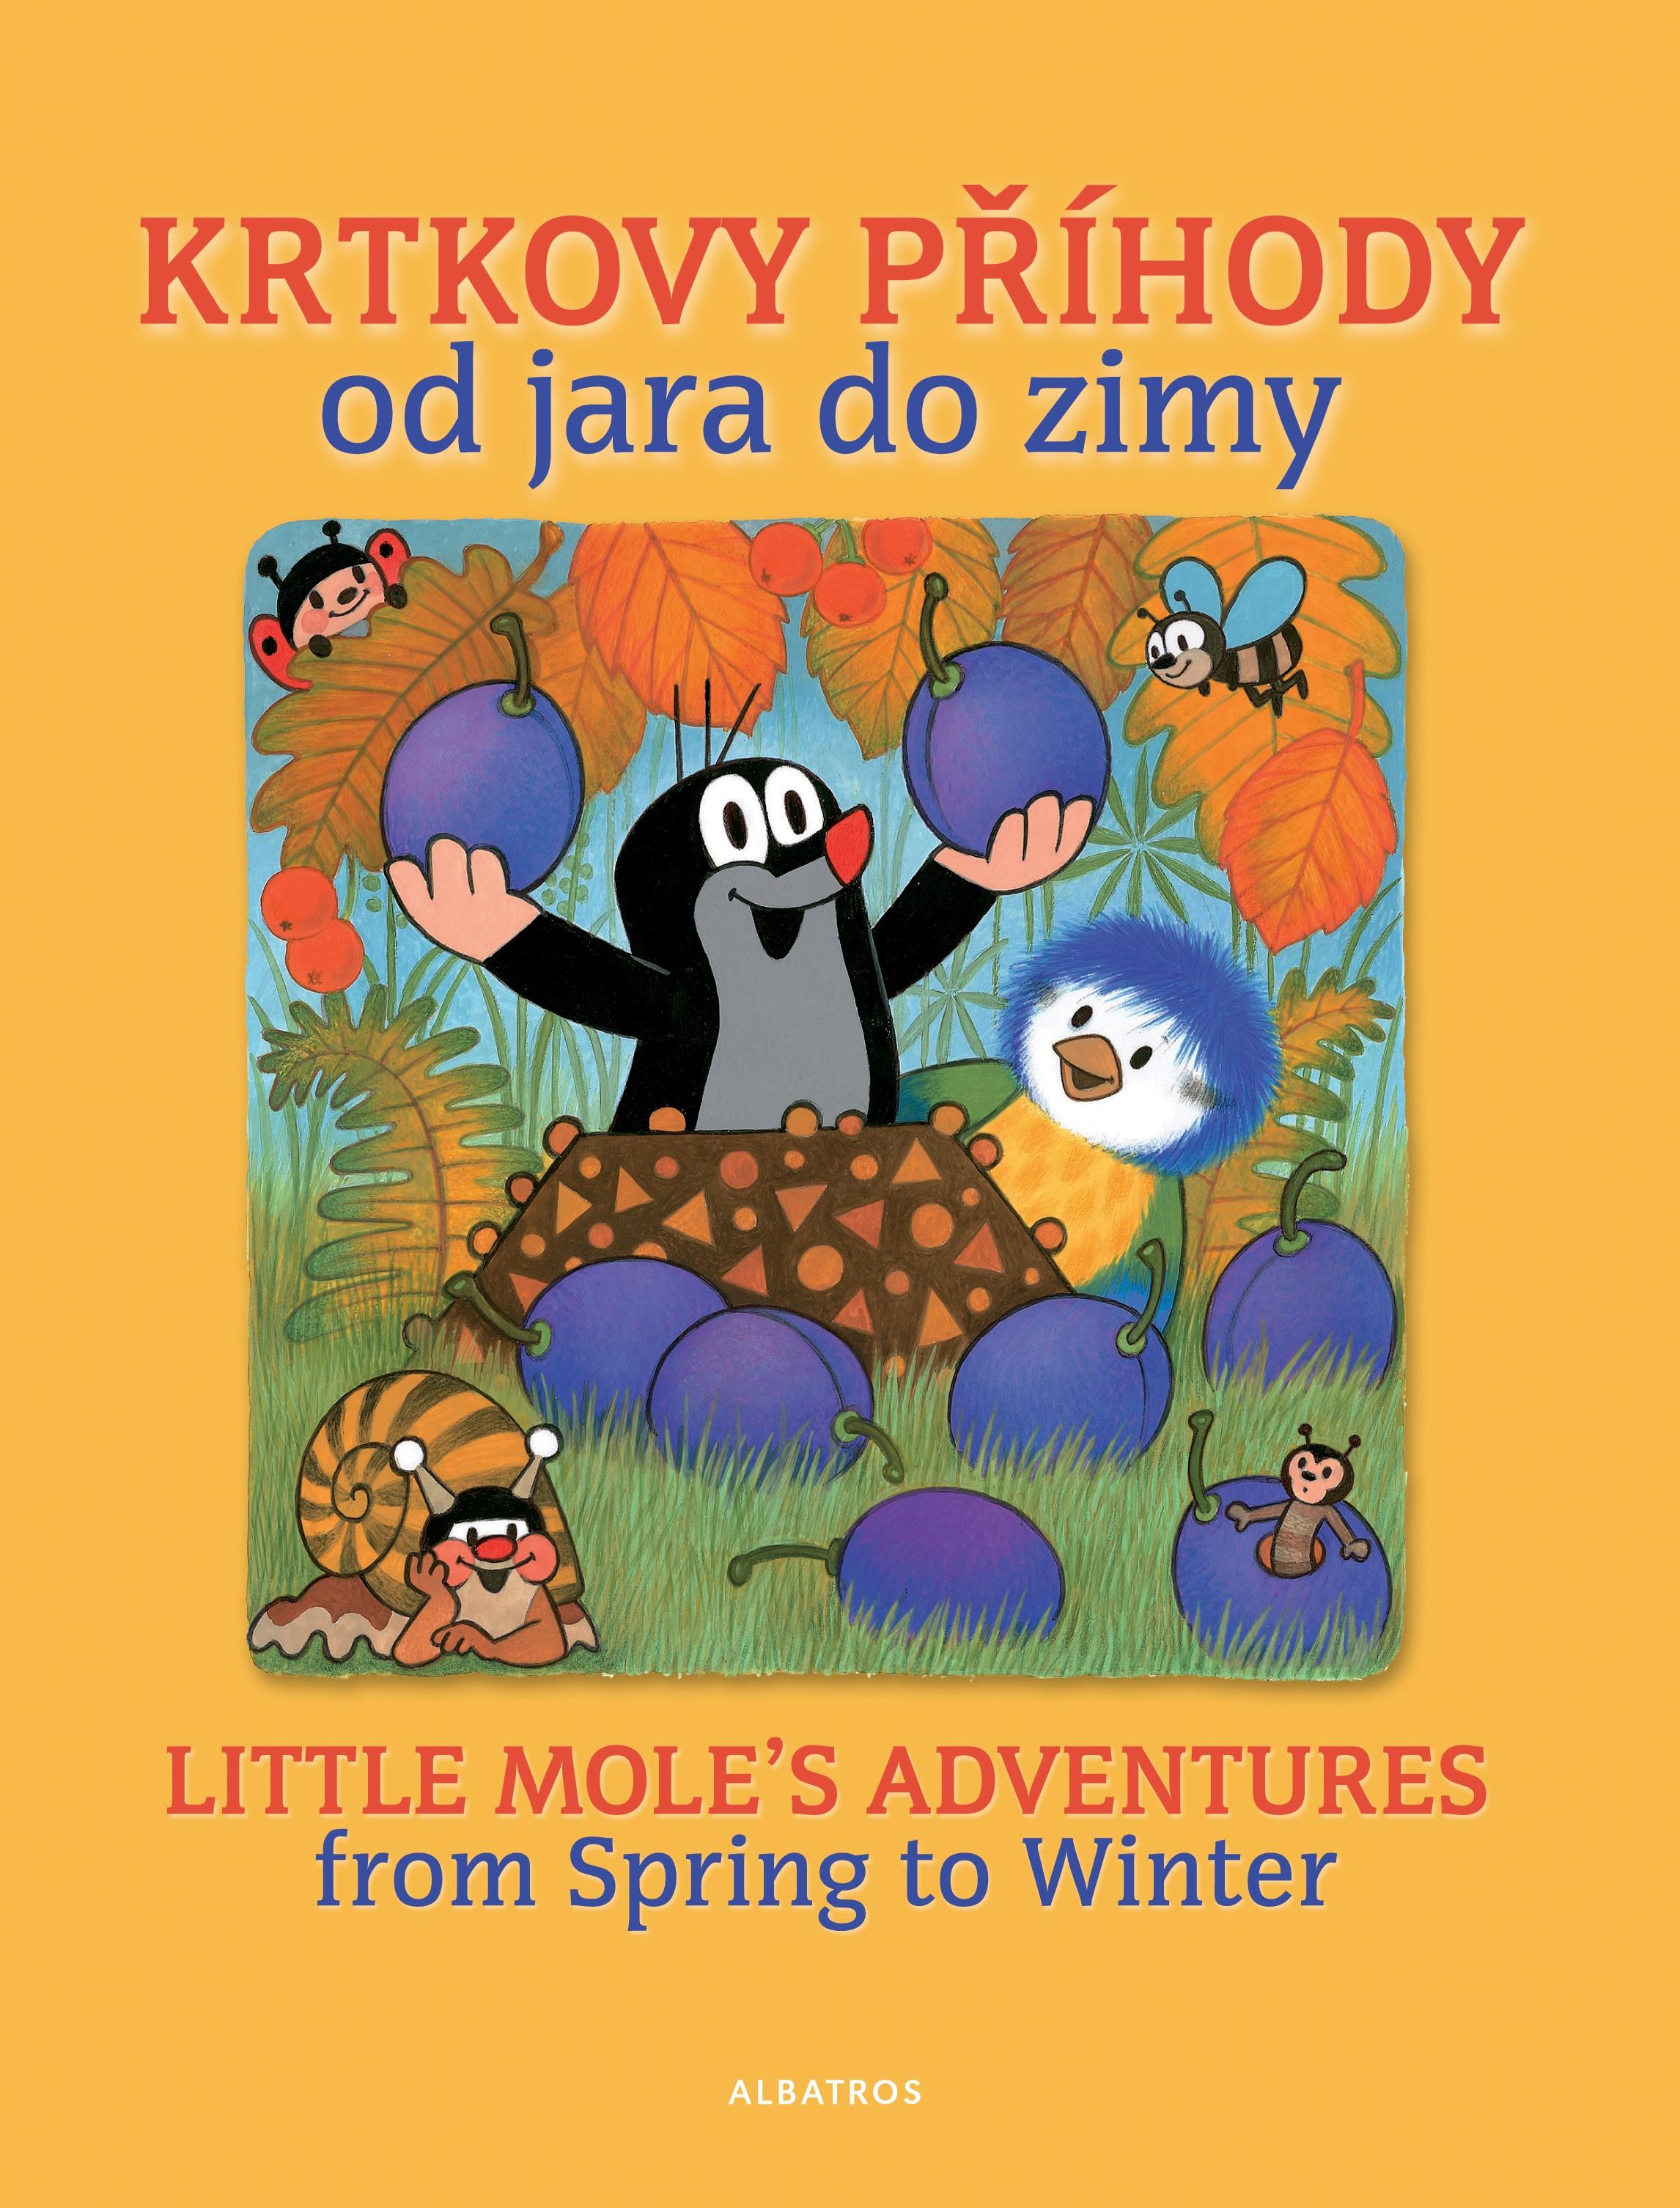 Krtkovy příhody od jara do zimy | Zdeněk Miler, Hana Doskočilová, Kateřina Miler